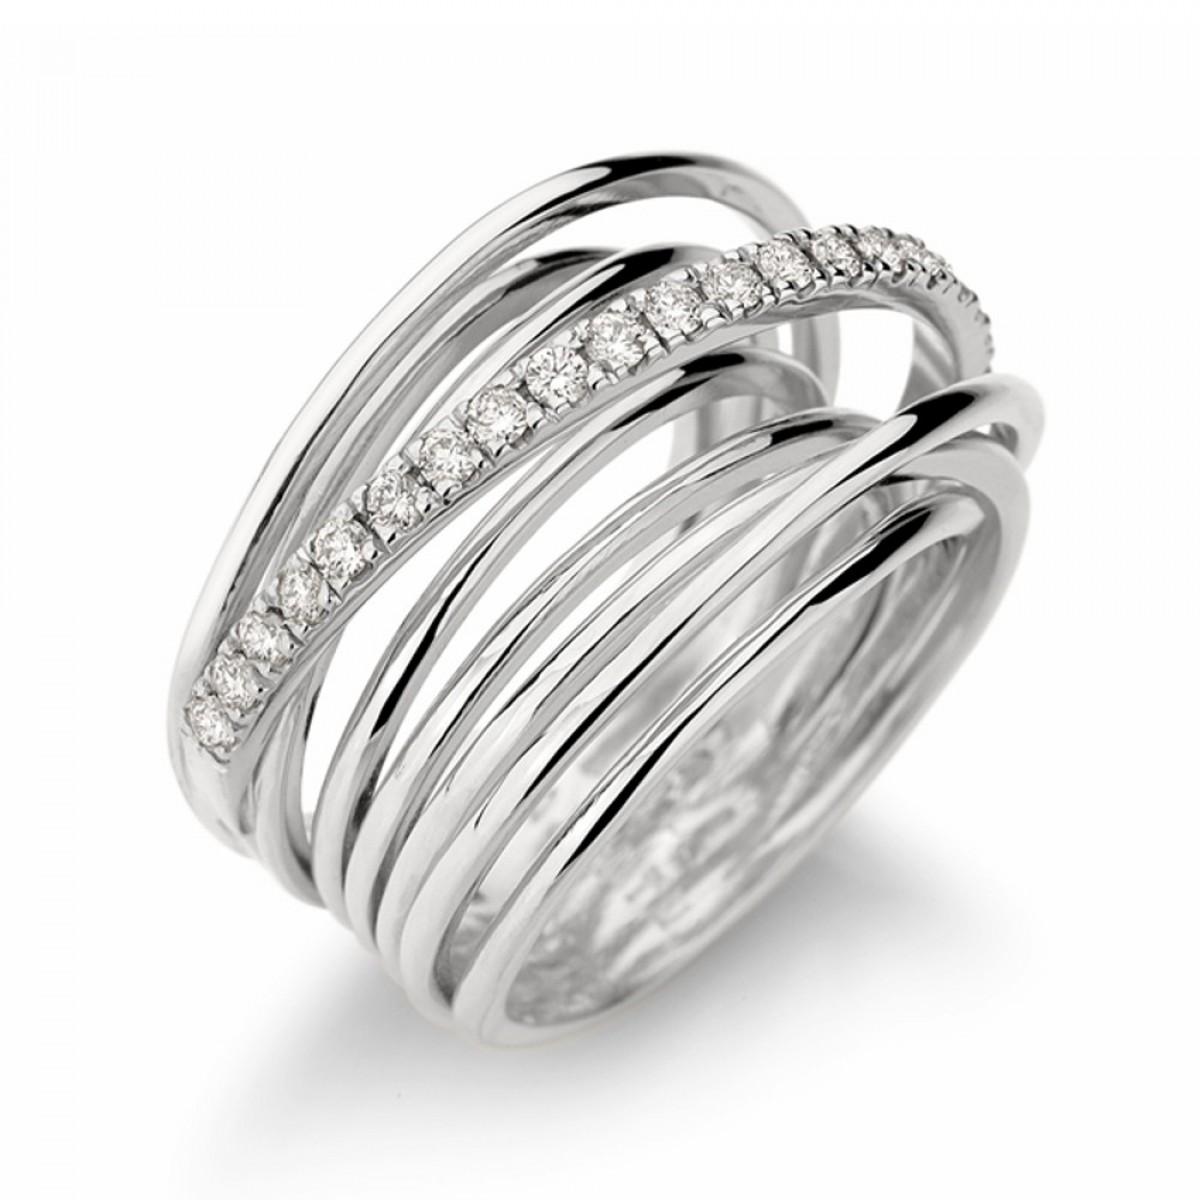 11e1e02fa74c7 Anel ouro branco 18K com diamantes